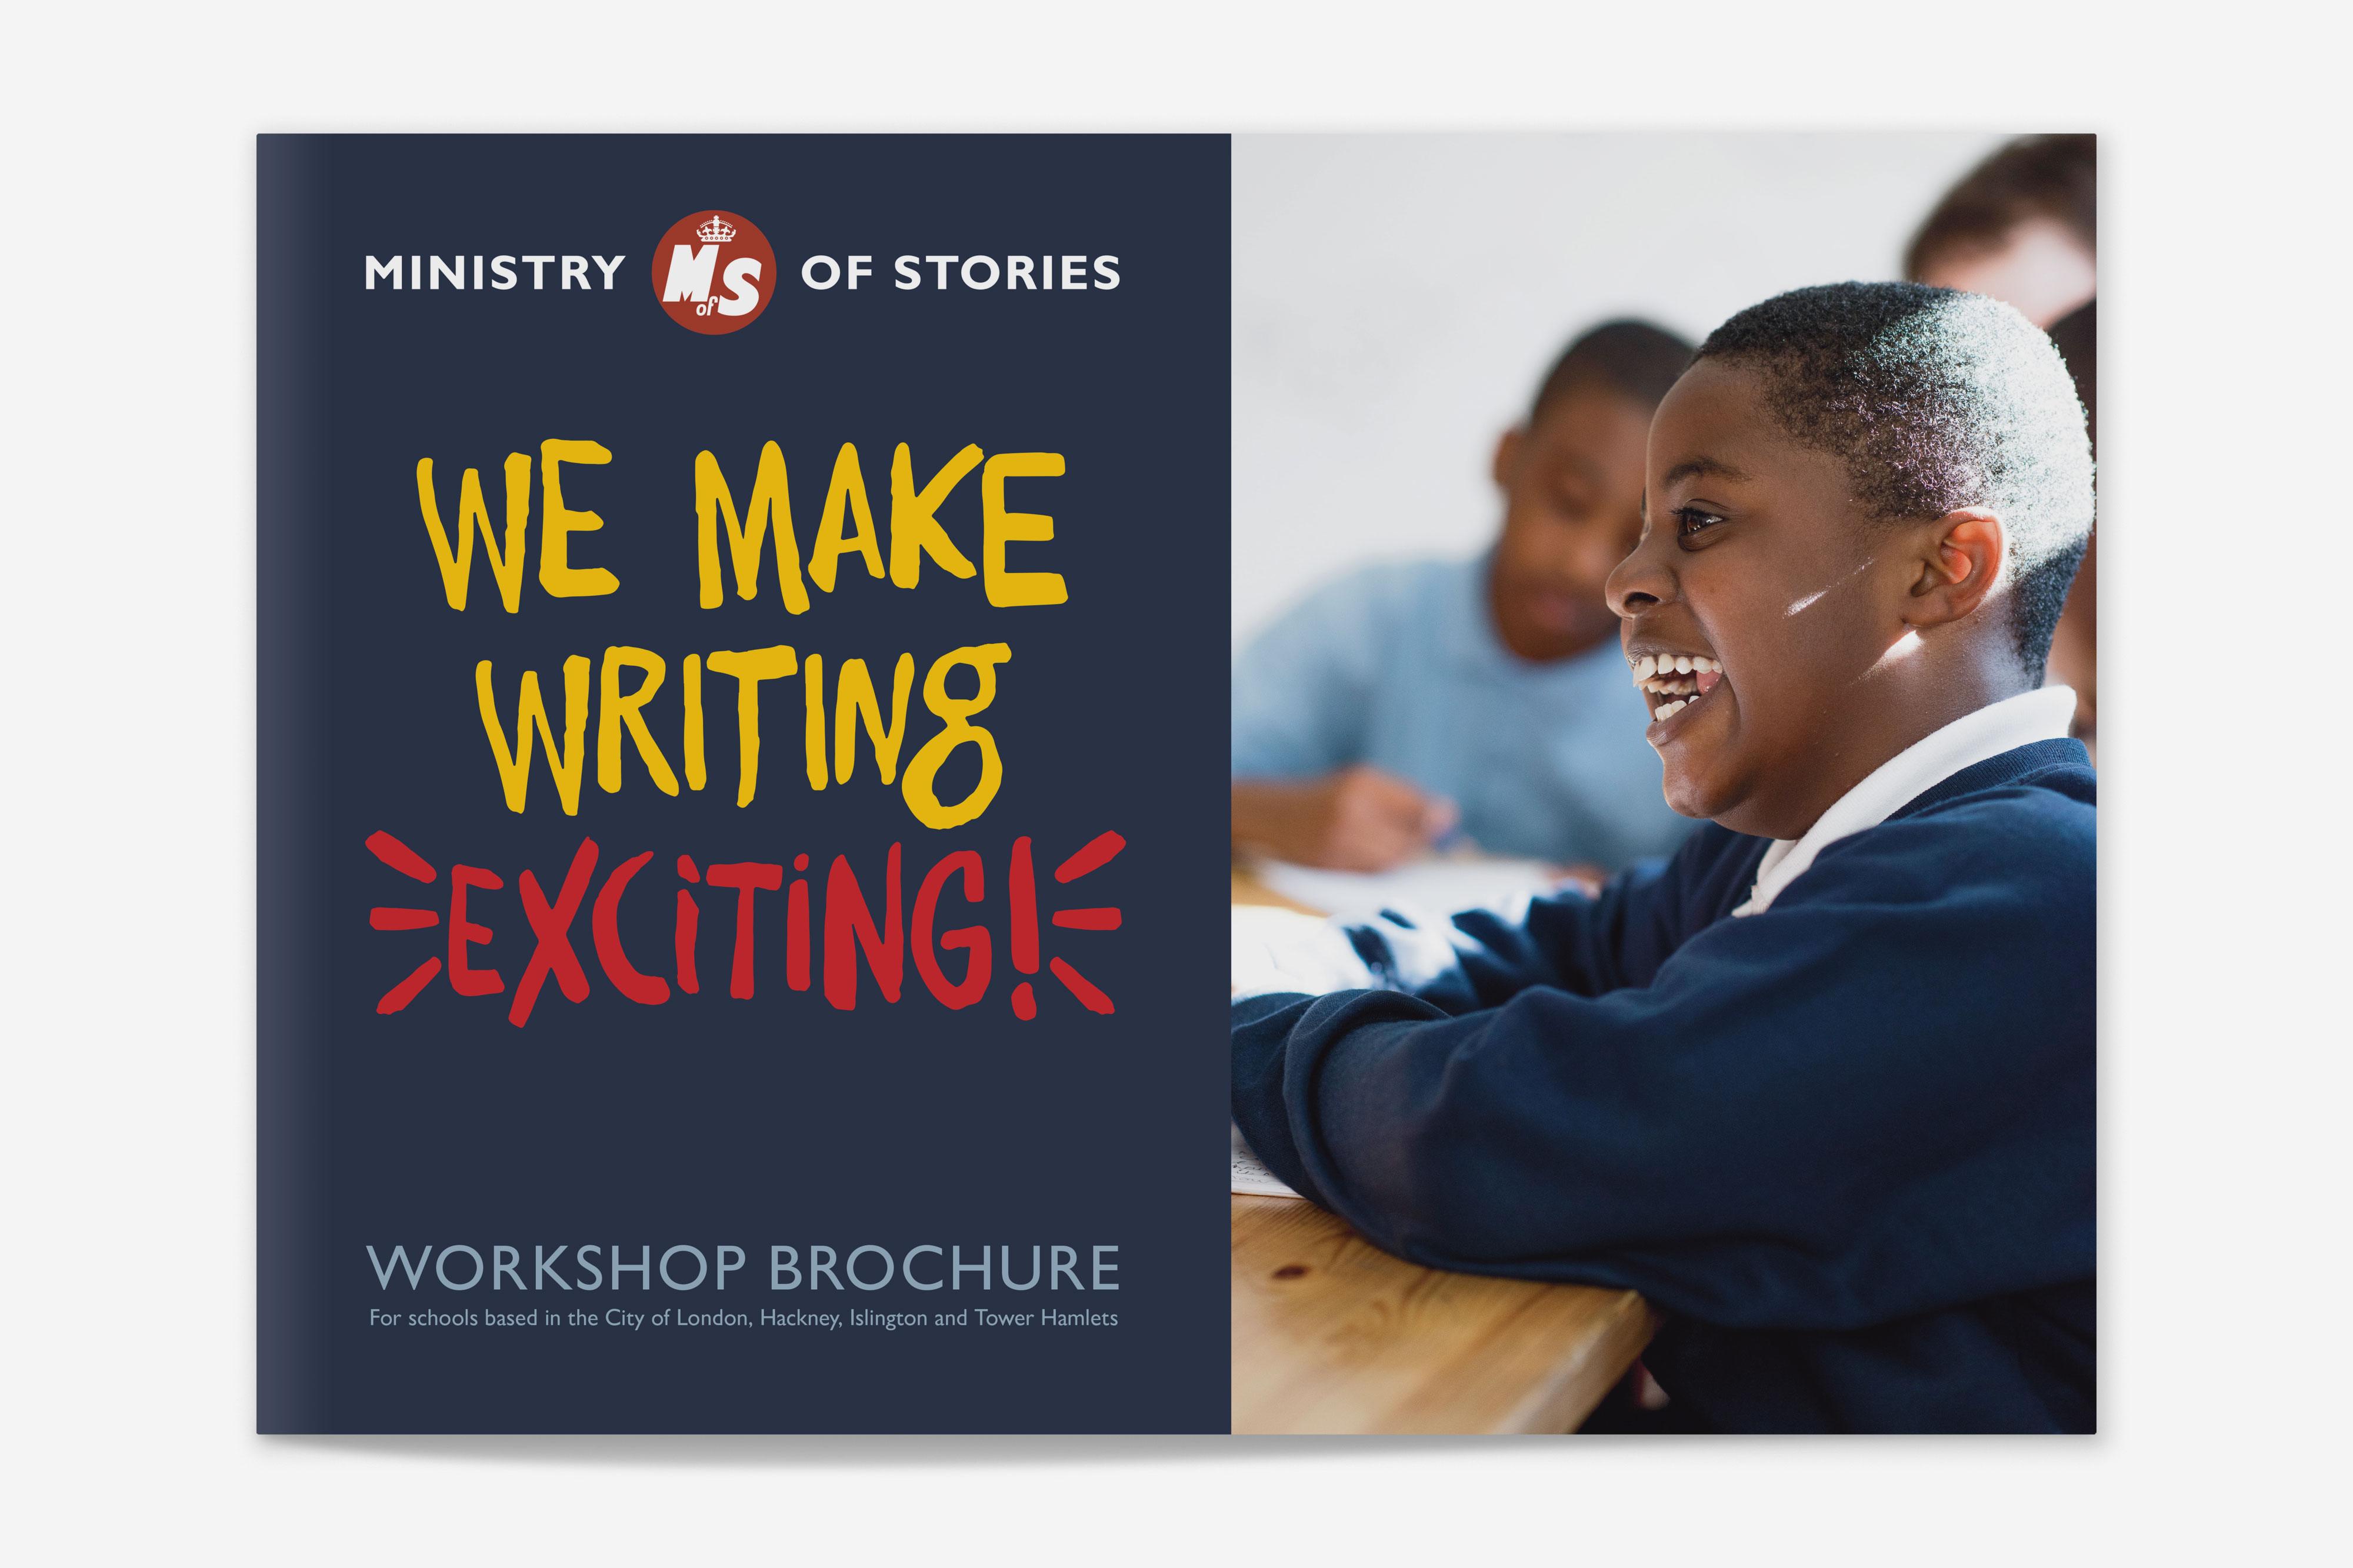 MoS-workshop-brochure